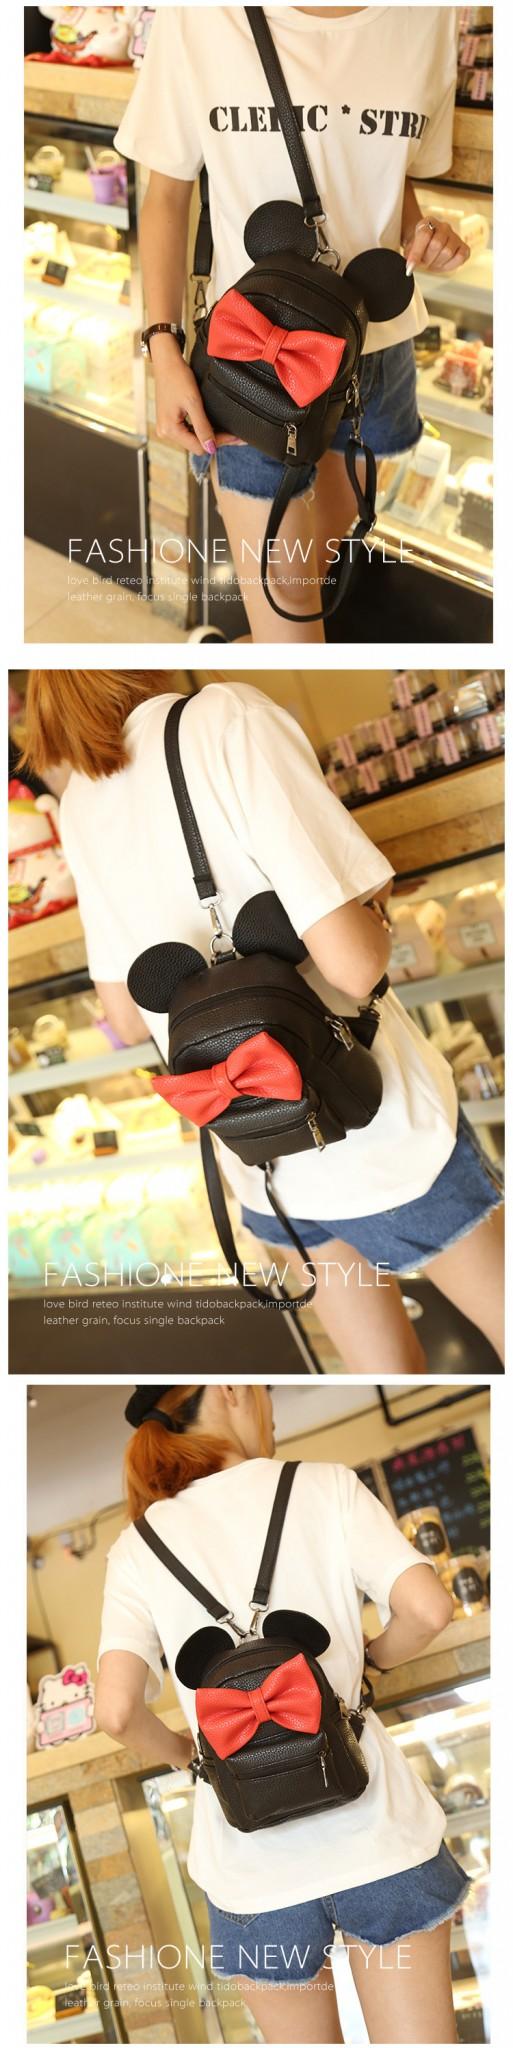 Kolekcia Mickey Mouse obsahuje výrobky z kožených a syntetických materiálo (1)